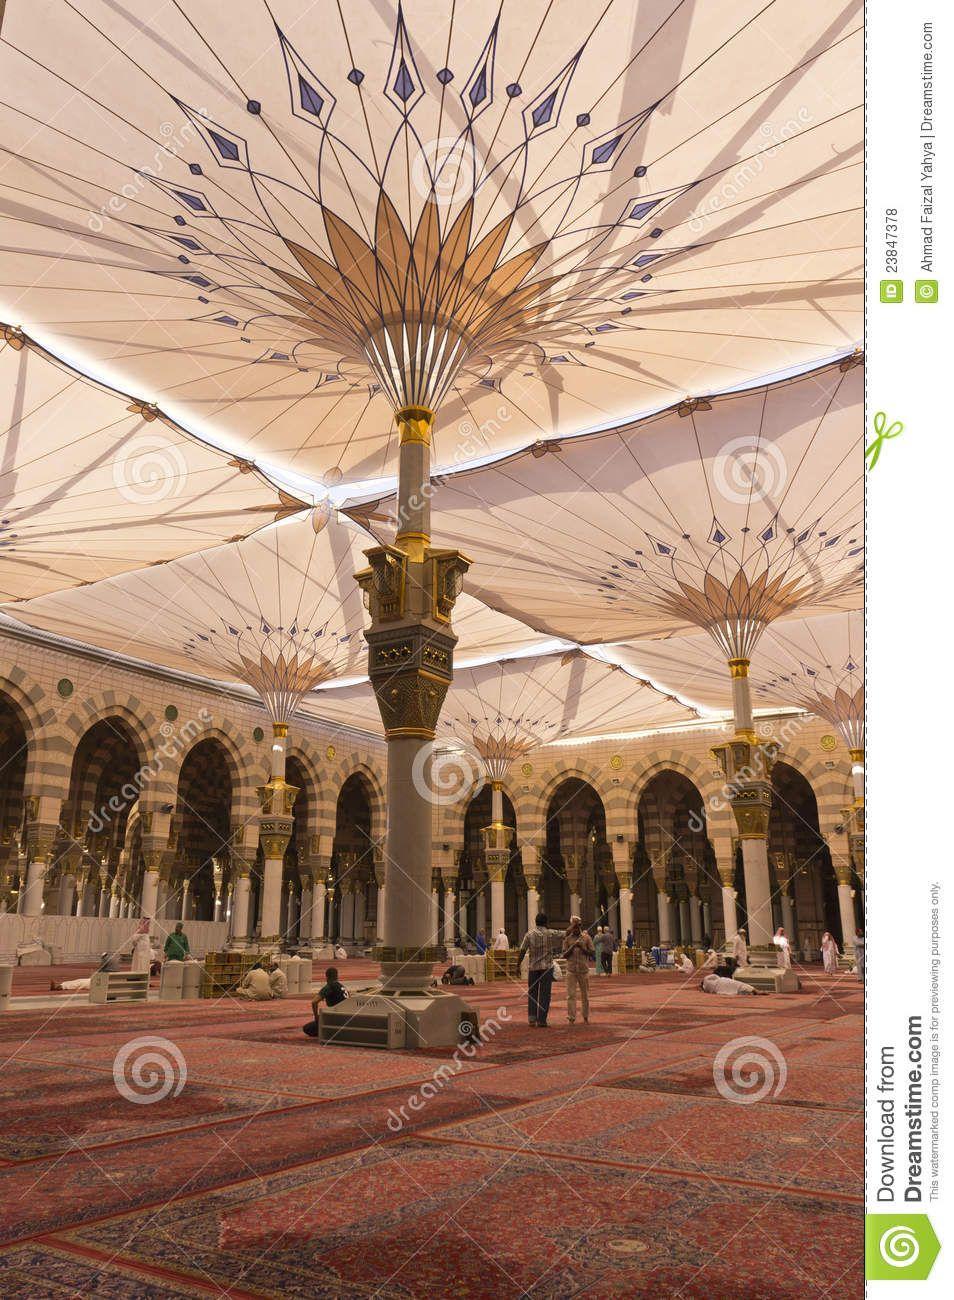 Interior Masjid Mosque Al Nabawi Medina 23847378 Jpg 954 1 300 Pixels Medina Mosque Mosque Mecca Wallpaper